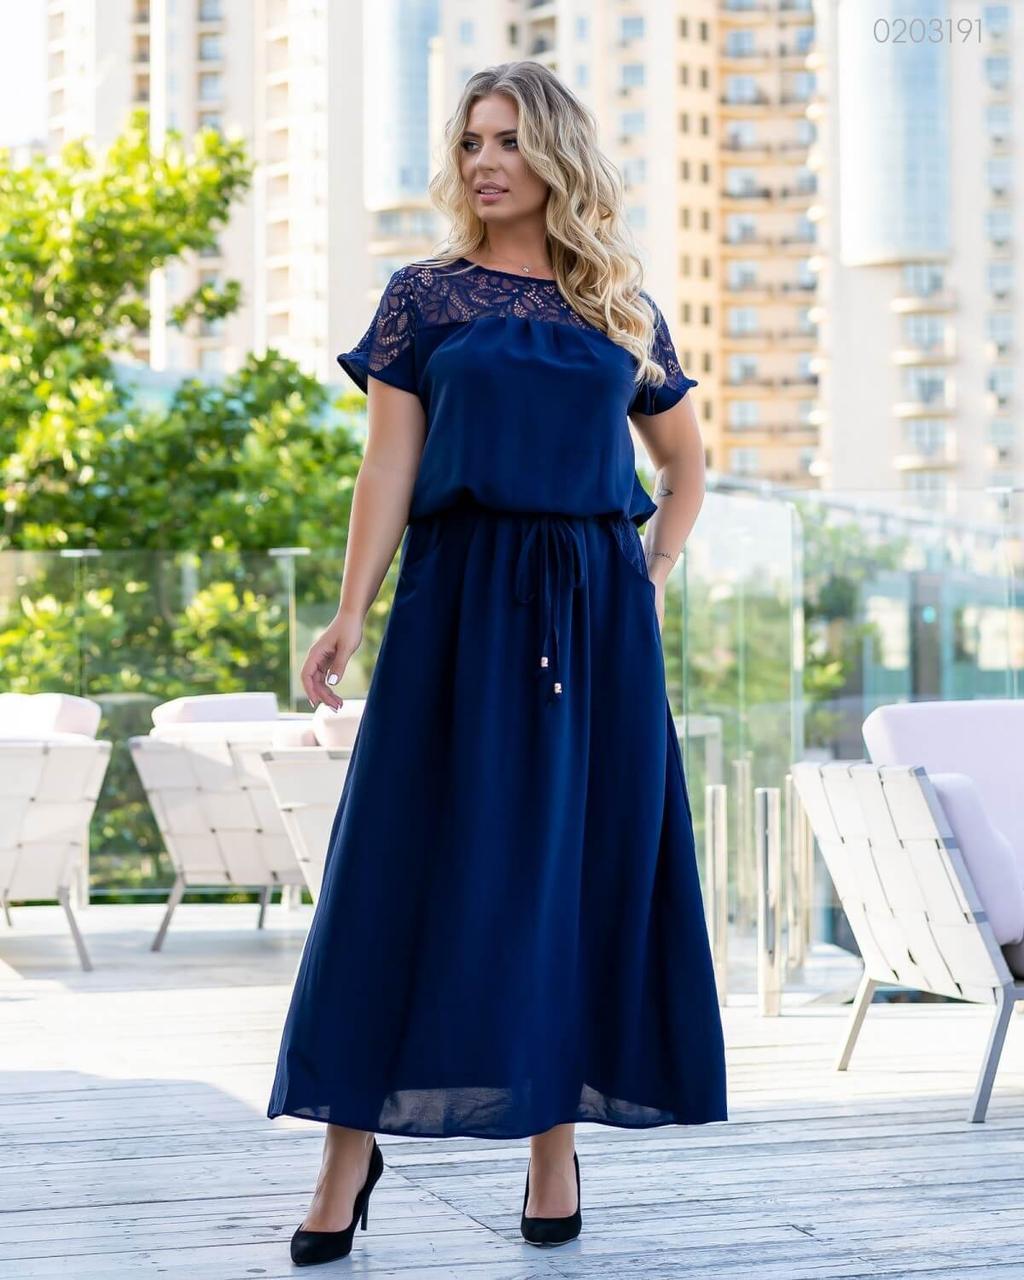 Платье Верона (синий) 0203191